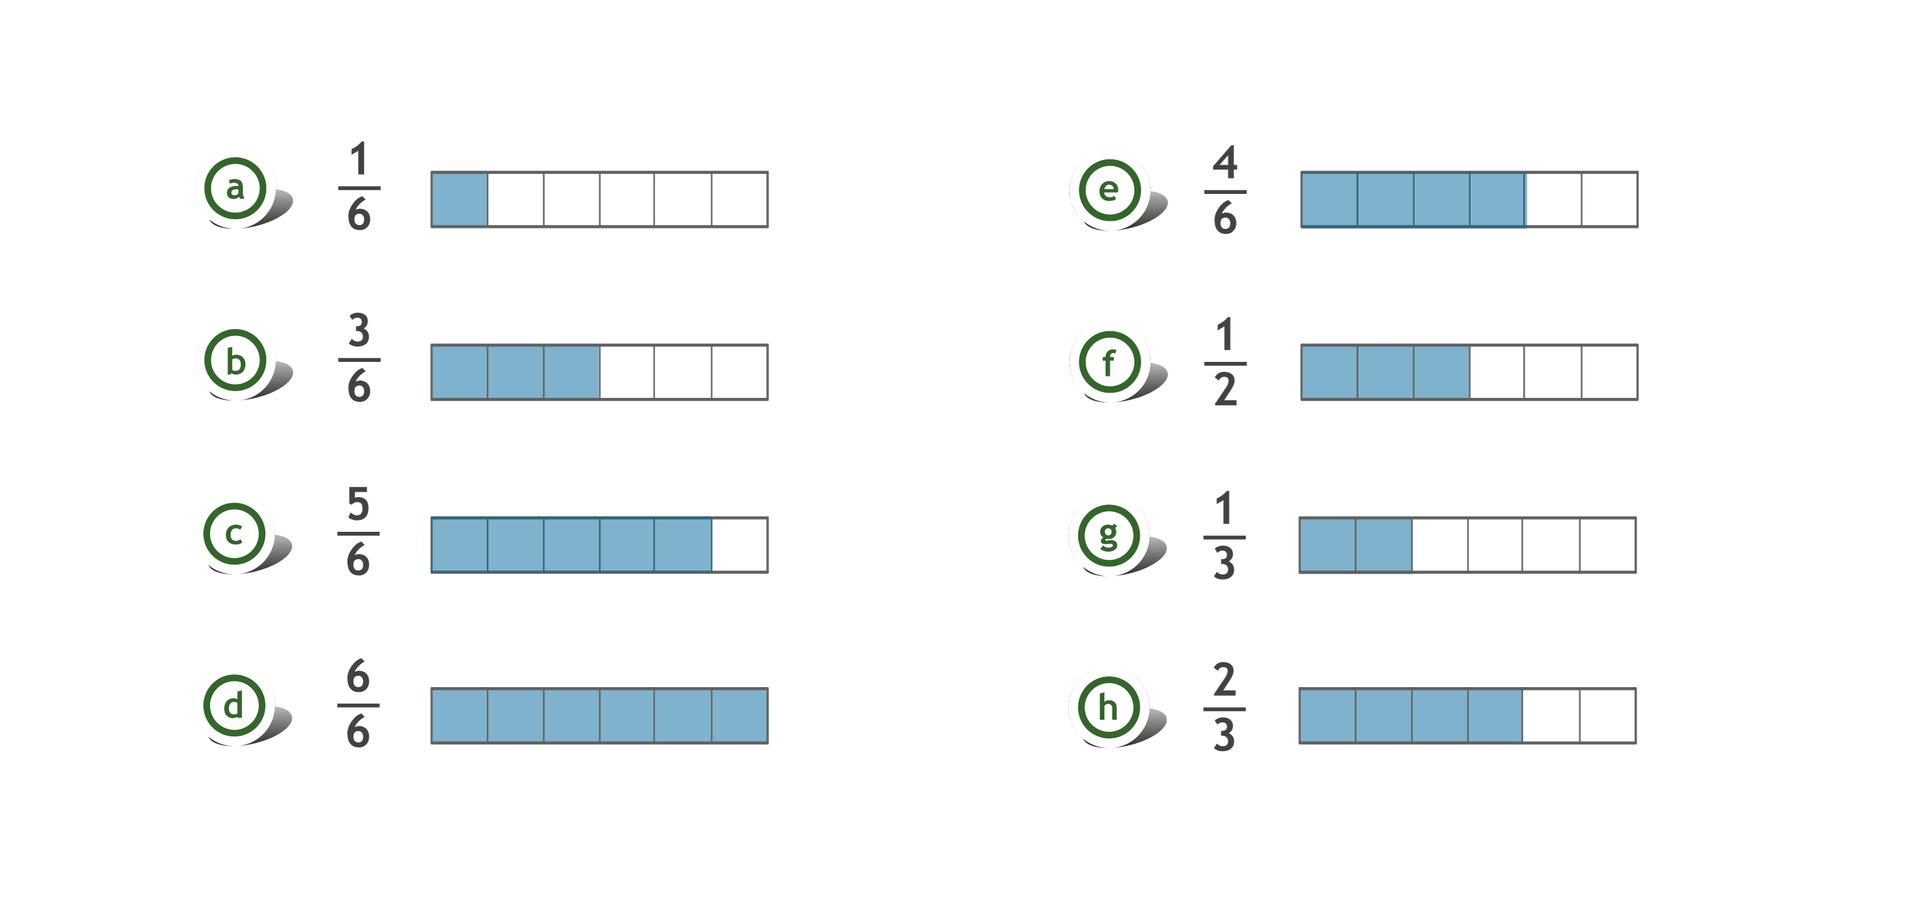 Rysunek ośmiu prostokątów, każdy podzielony na 6 równych części. Zamalowana jedna część zsześciu części – ułamek jedna szósta. Zamalowane trzy zsześciu części - ułamek trzy szóste. Zamalowane pięć zsześciu części - ułamek pięć szóstych Zamalowane sześć zsześciu części - ułamek sześć szóstych. Zamalowane cztery zsześciu części - ułamek cztery szóste. Zamalowane trzy zsześciu części - ułamek jedna druga. Zamalowane dwie zsześciu części - ułamek jedna trzecia. Zamalowane cztery zsześciu części - ułamek dwie trzecie. Rysunek jest rozwiązaniem zadania.